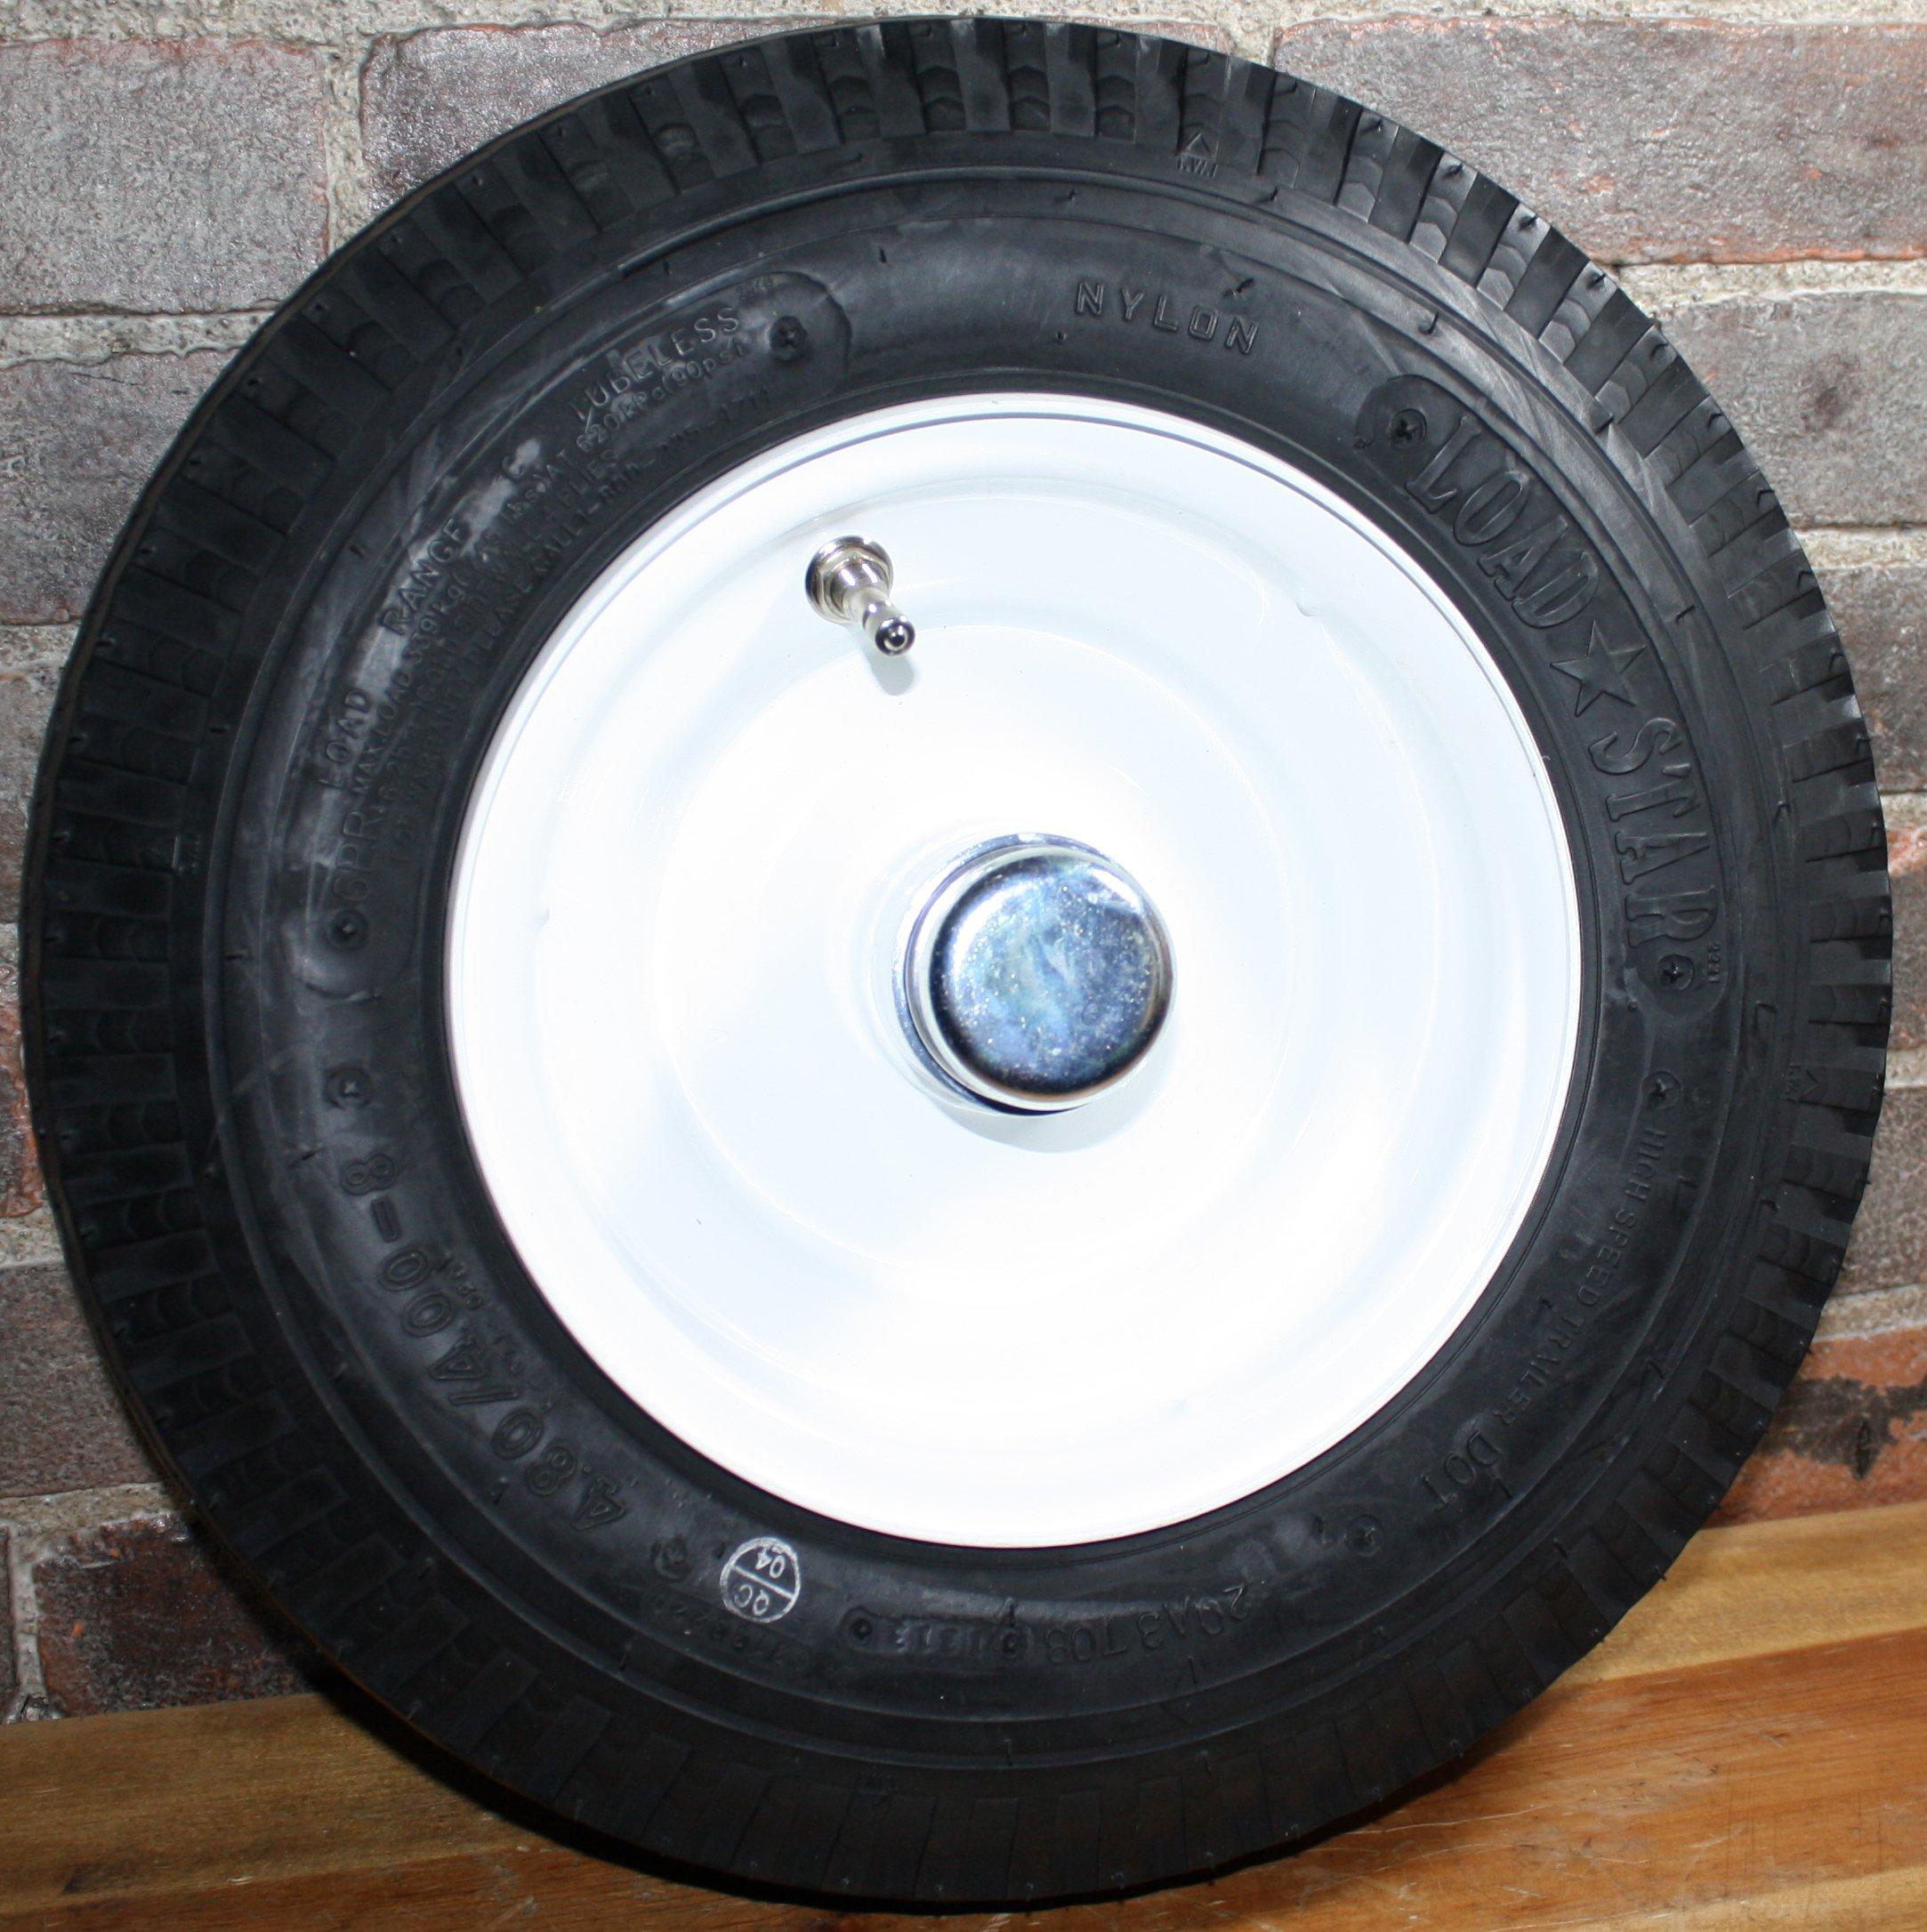 Martin Wheel 4.80/4.00-8 High Speed Trailer Log Splitter Tire Wheel Assembly DOT Approved 3/4